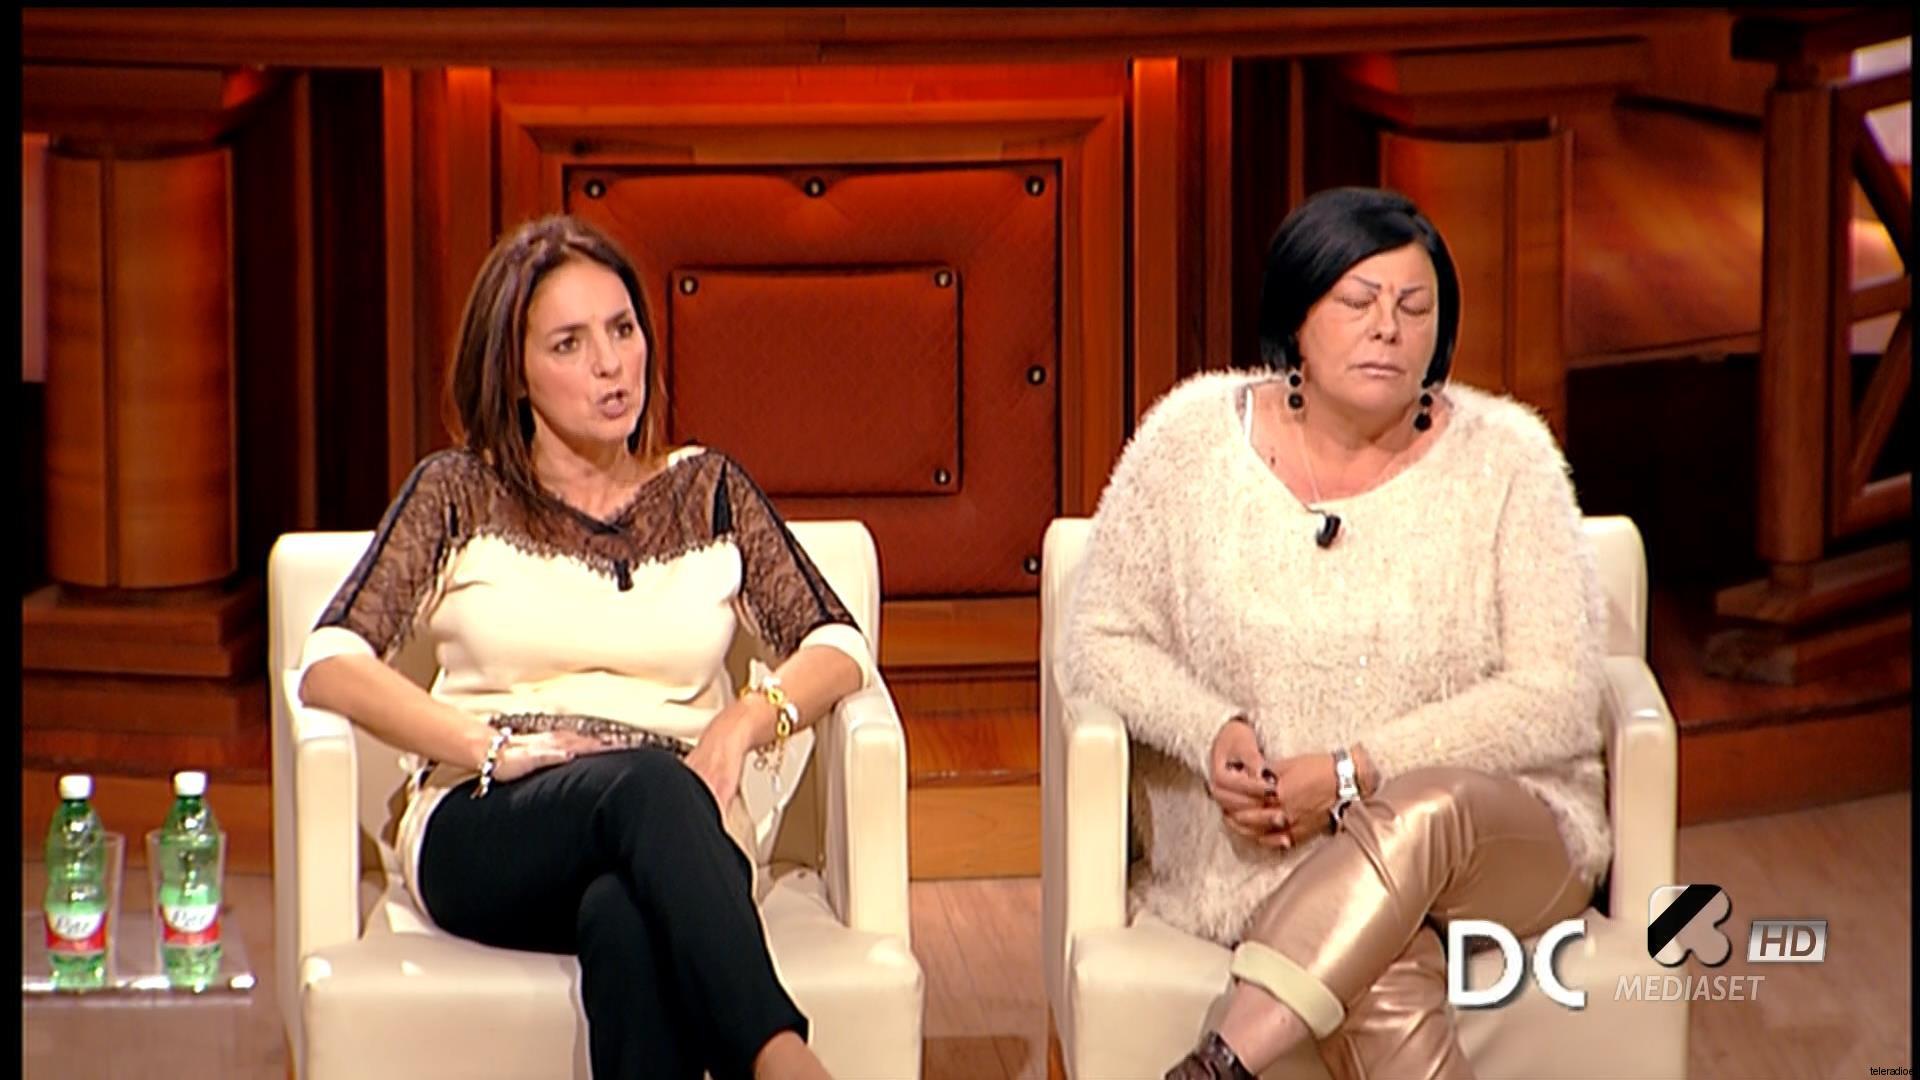 Rete4 HD LO SPORTELLO DI FORUM 11-18 14-24-02